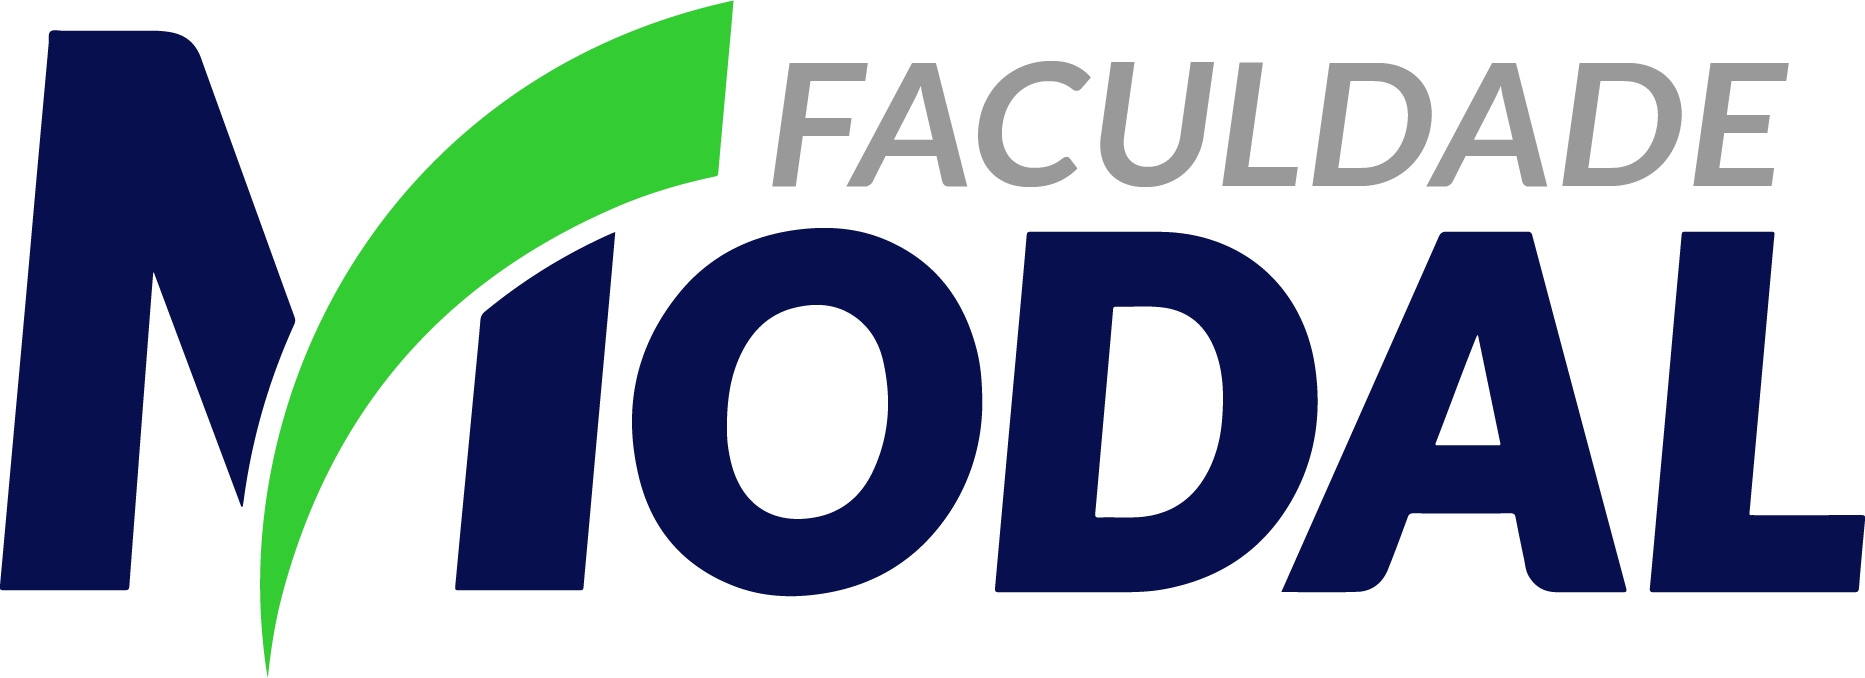 Faculdade Modal